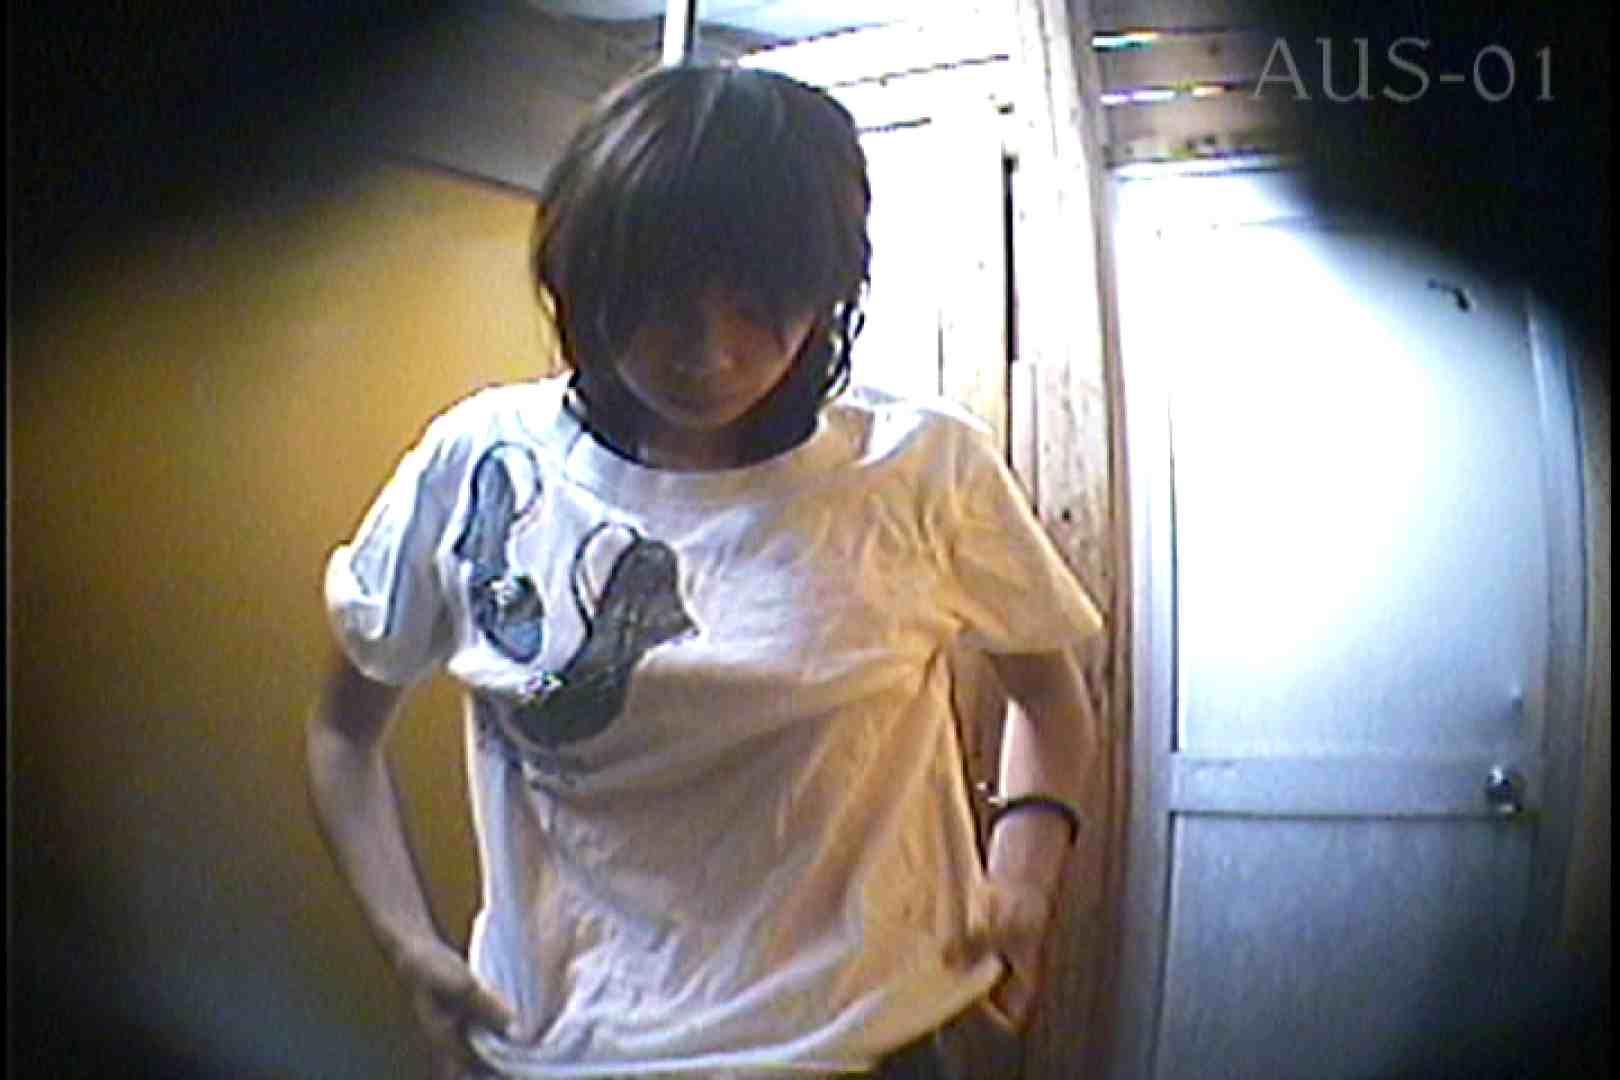 海の家の更衣室 Vol.01 Hな美女 戯れ無修正画像 88pic 86